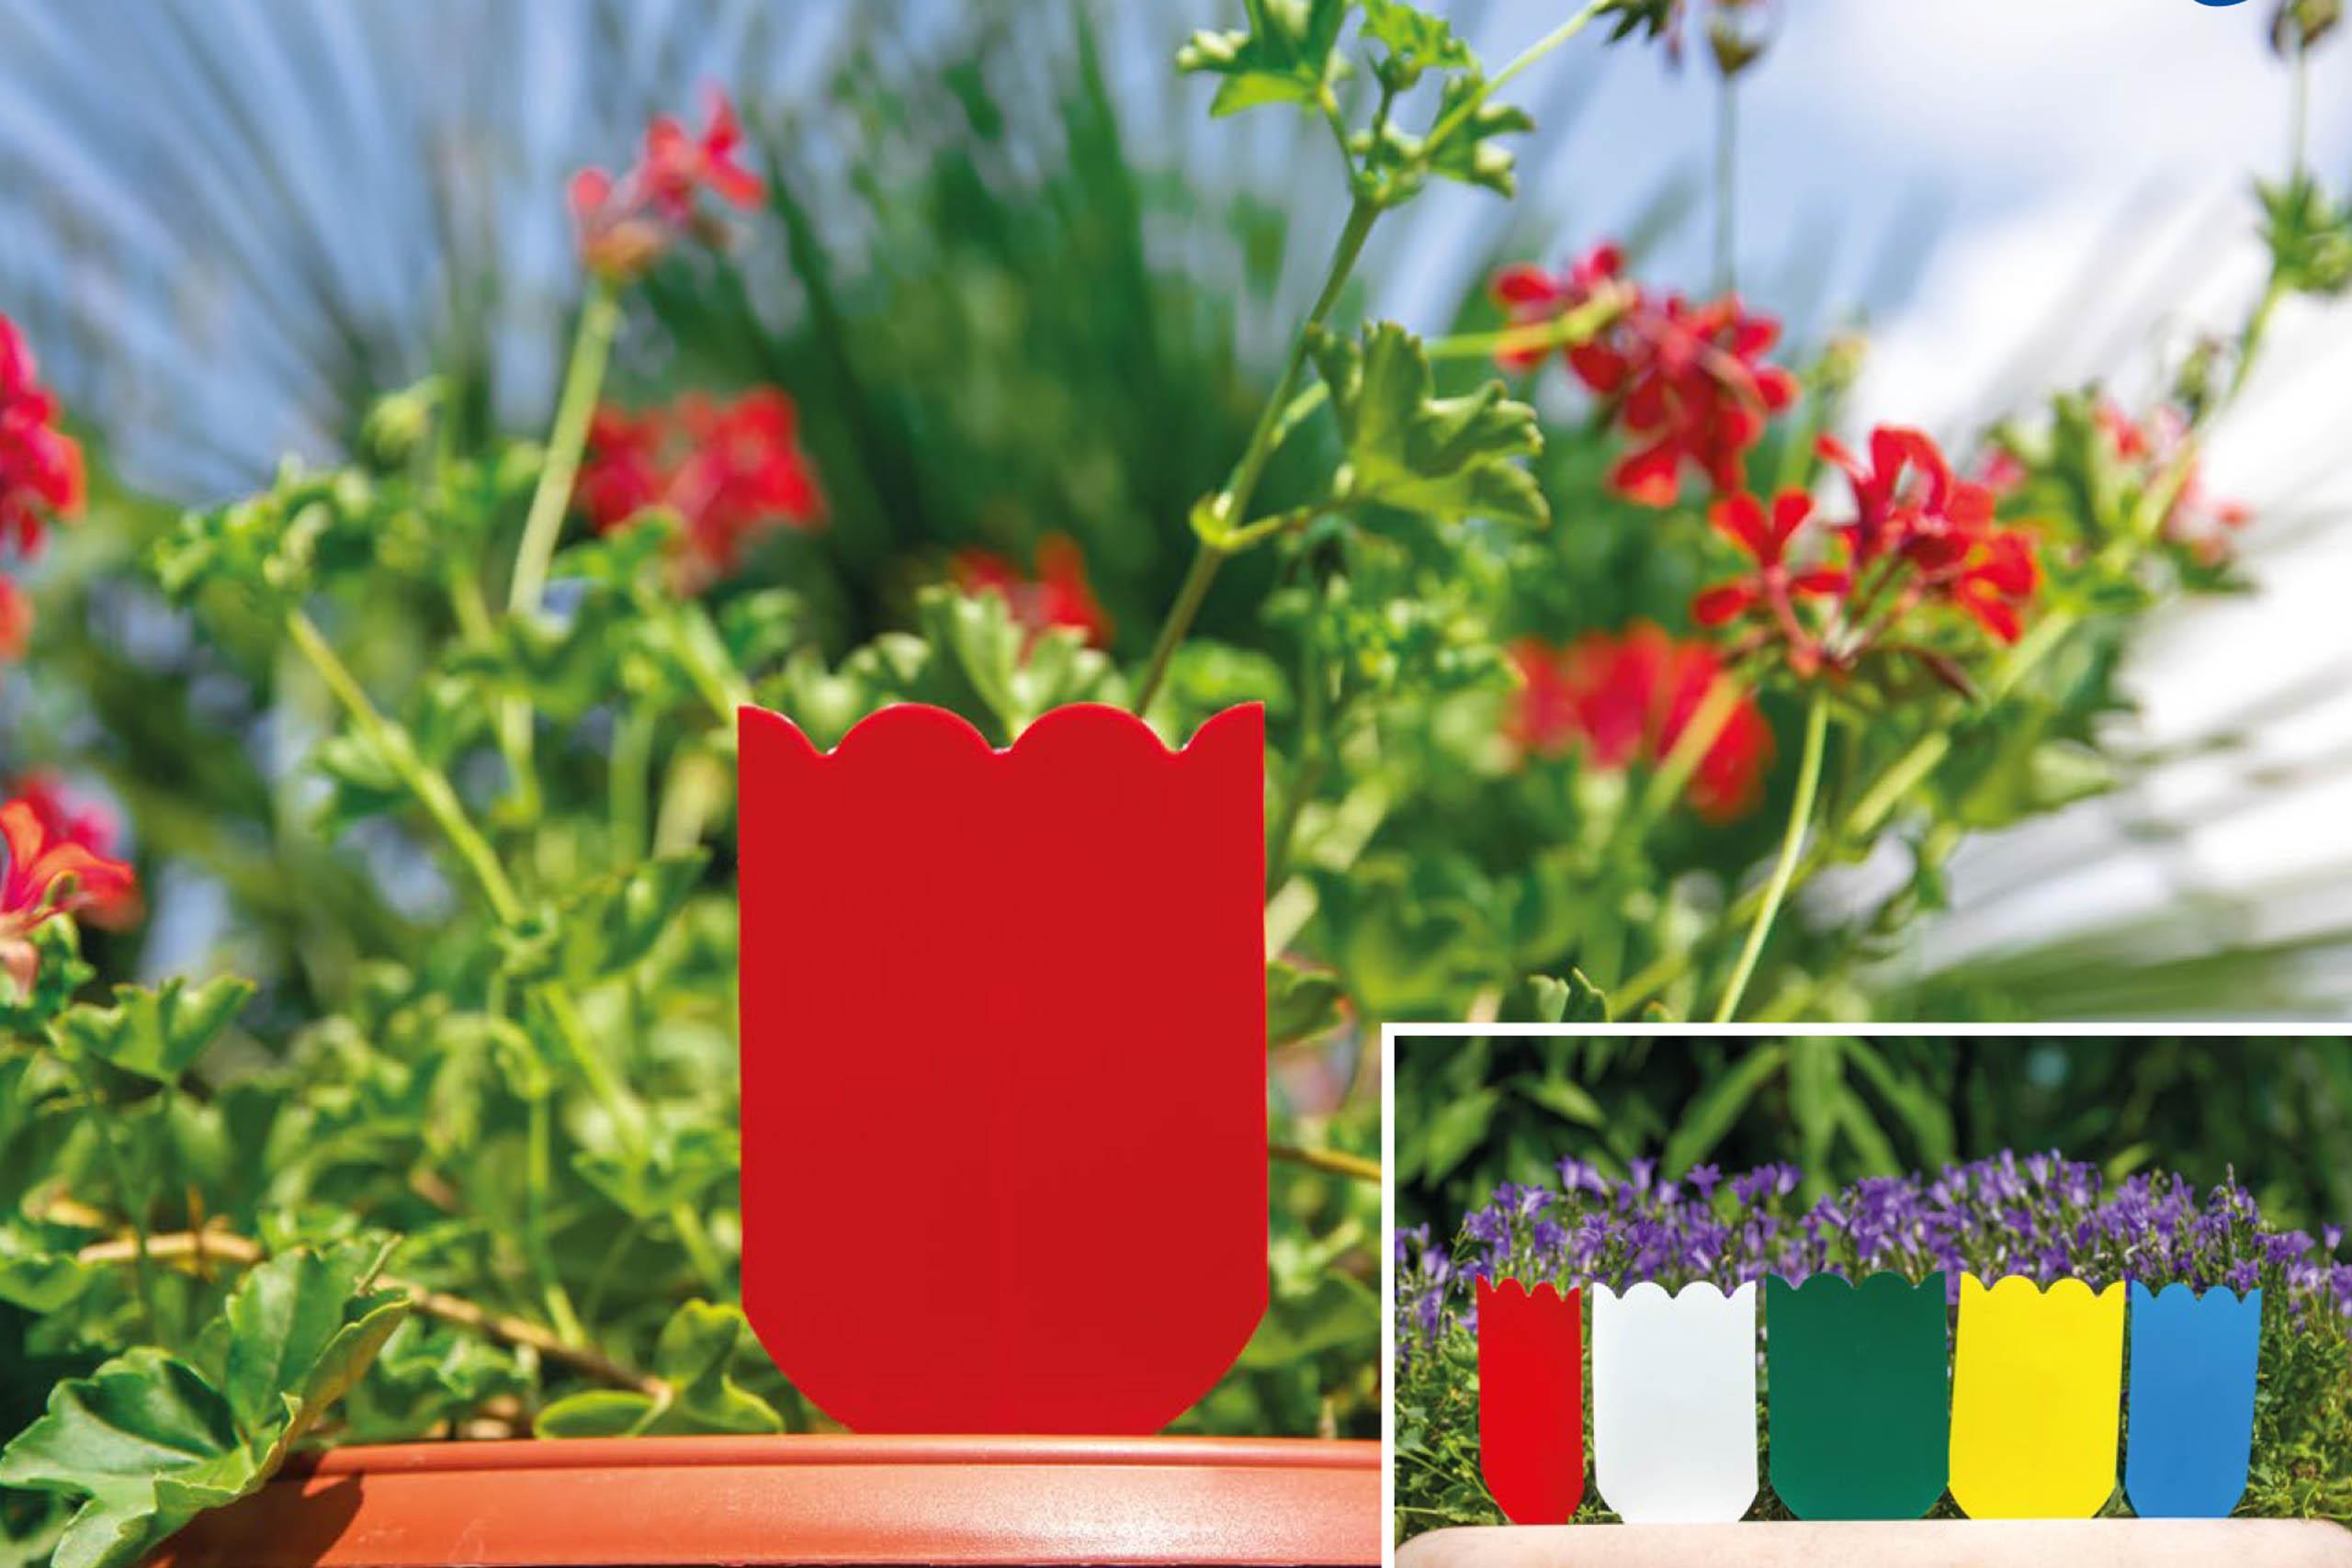 trappole parassiti delle piante in vaso